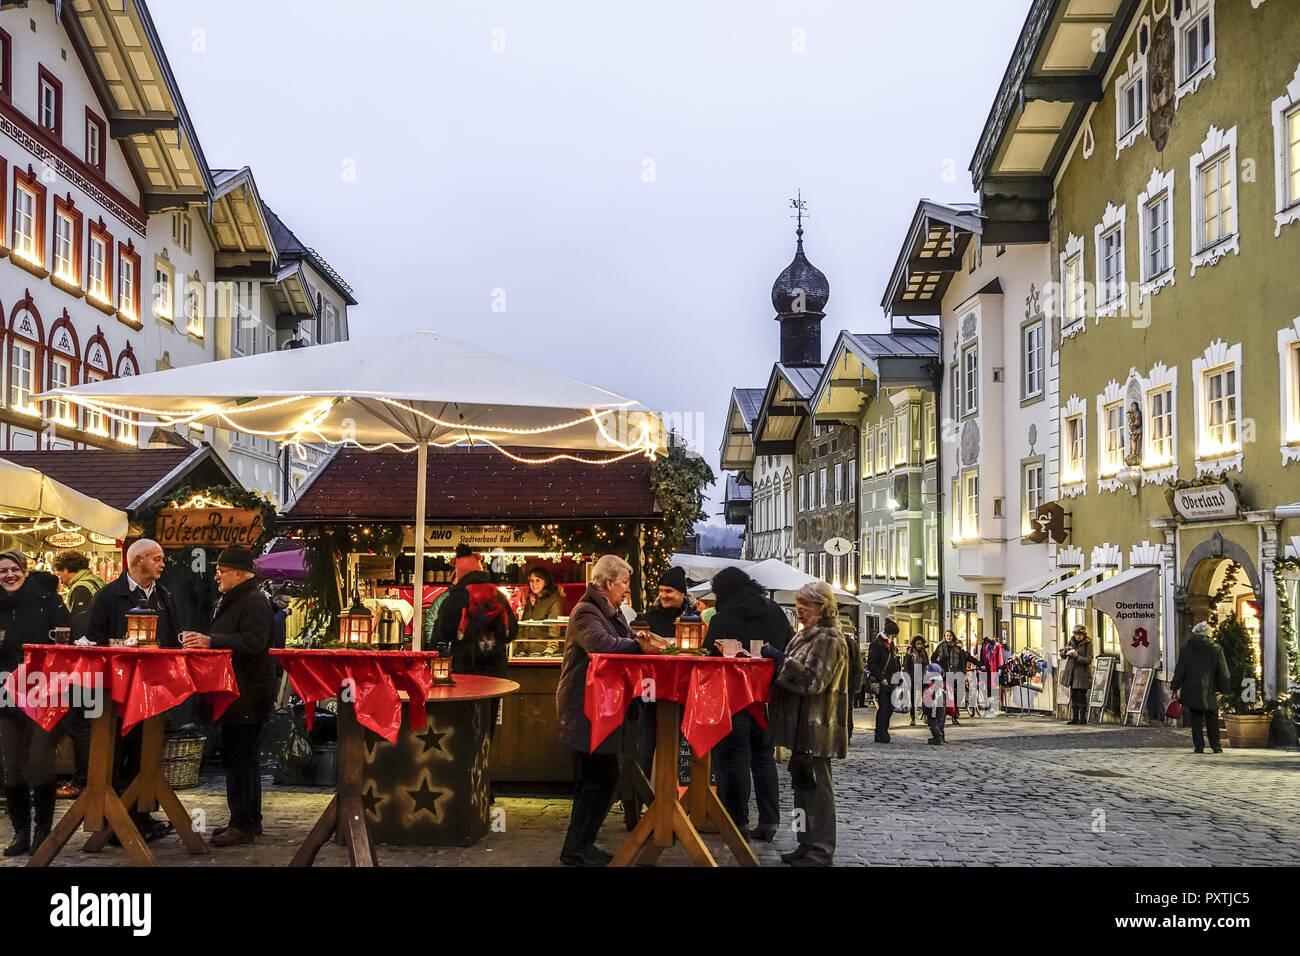 Deutschland Weihnachtsmarkt.Weihnachtsmarkt In Bad Tölz Bayern Deutschland Christmas Market